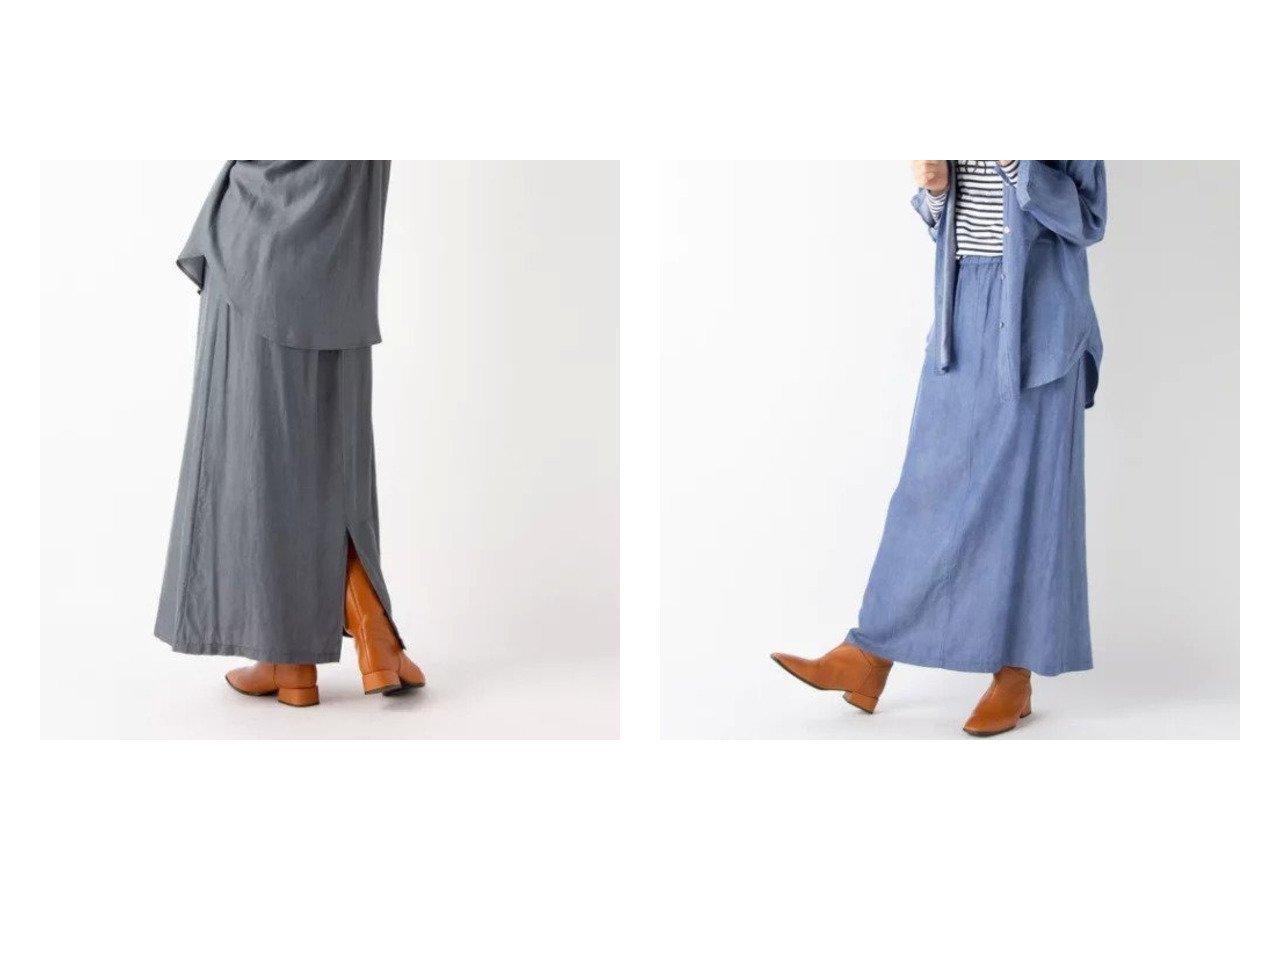 【NOLLEY'S/ノーリーズ】のデニム調Aラインスカート 【スカート】おすすめ!人気、トレンド・レディースファッションの通販 おすすめで人気の流行・トレンド、ファッションの通販商品 インテリア・家具・メンズファッション・キッズファッション・レディースファッション・服の通販 founy(ファニー) https://founy.com/ ファッション Fashion レディースファッション WOMEN スカート Skirt Aライン/フレアスカート Flared A-Line Skirts 2021年 2021 2021-2022秋冬・A/W AW・Autumn/Winter・FW・Fall-Winter・2021-2022 A/W・秋冬 AW・Autumn/Winter・FW・Fall-Winter スリット セットアップ デニム ドローコード マキシ ロング |ID:crp329100000065069